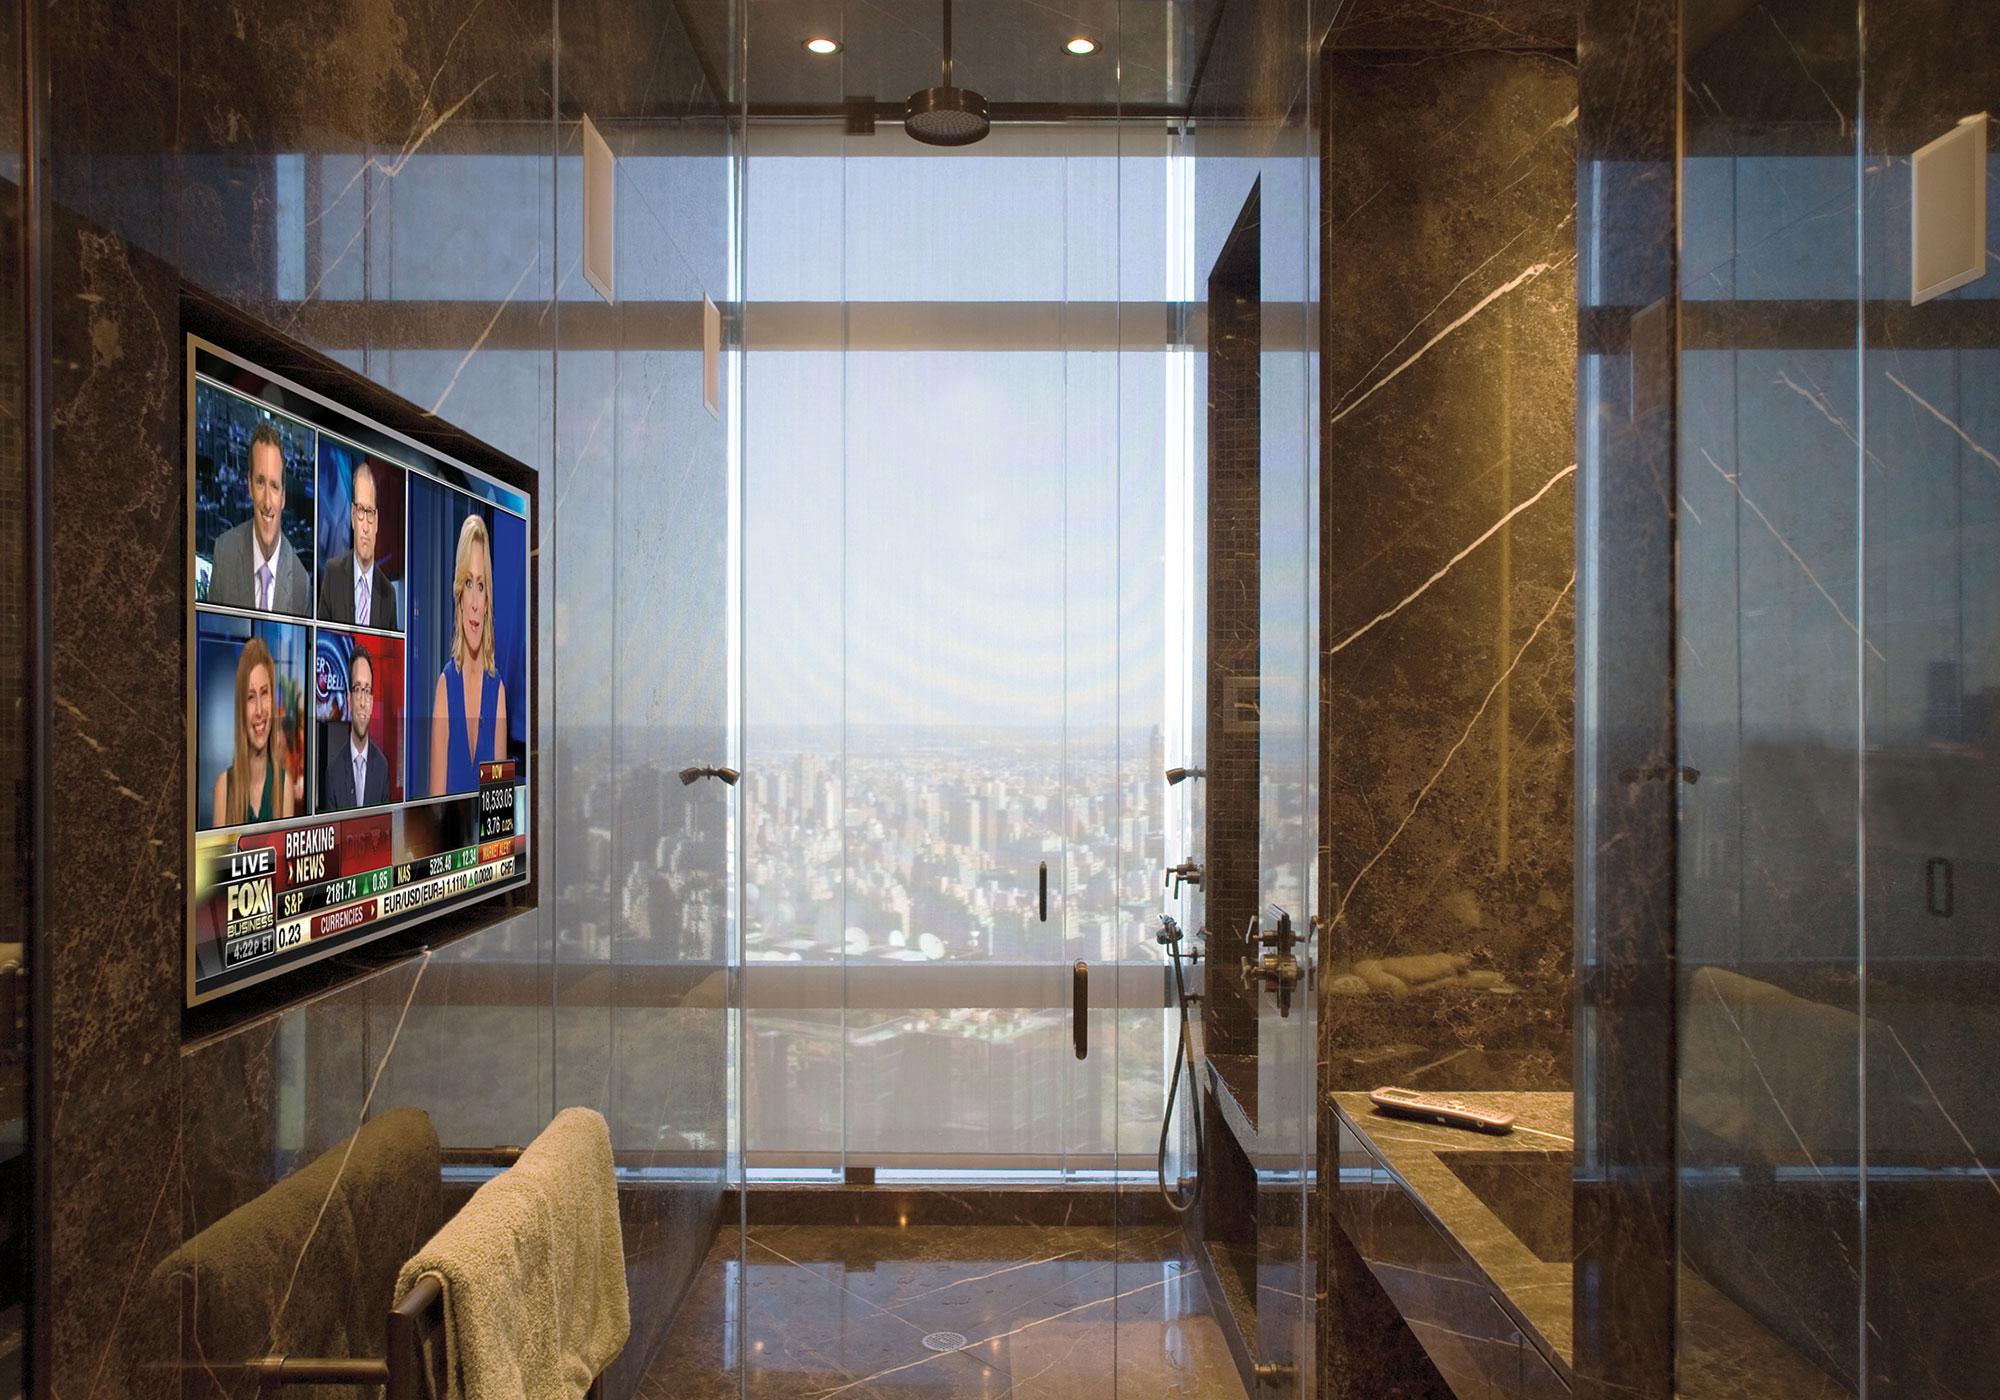 bathroom, TV, recess, shades, solar shades, speakers, in-wall speakers, waterproof speakers